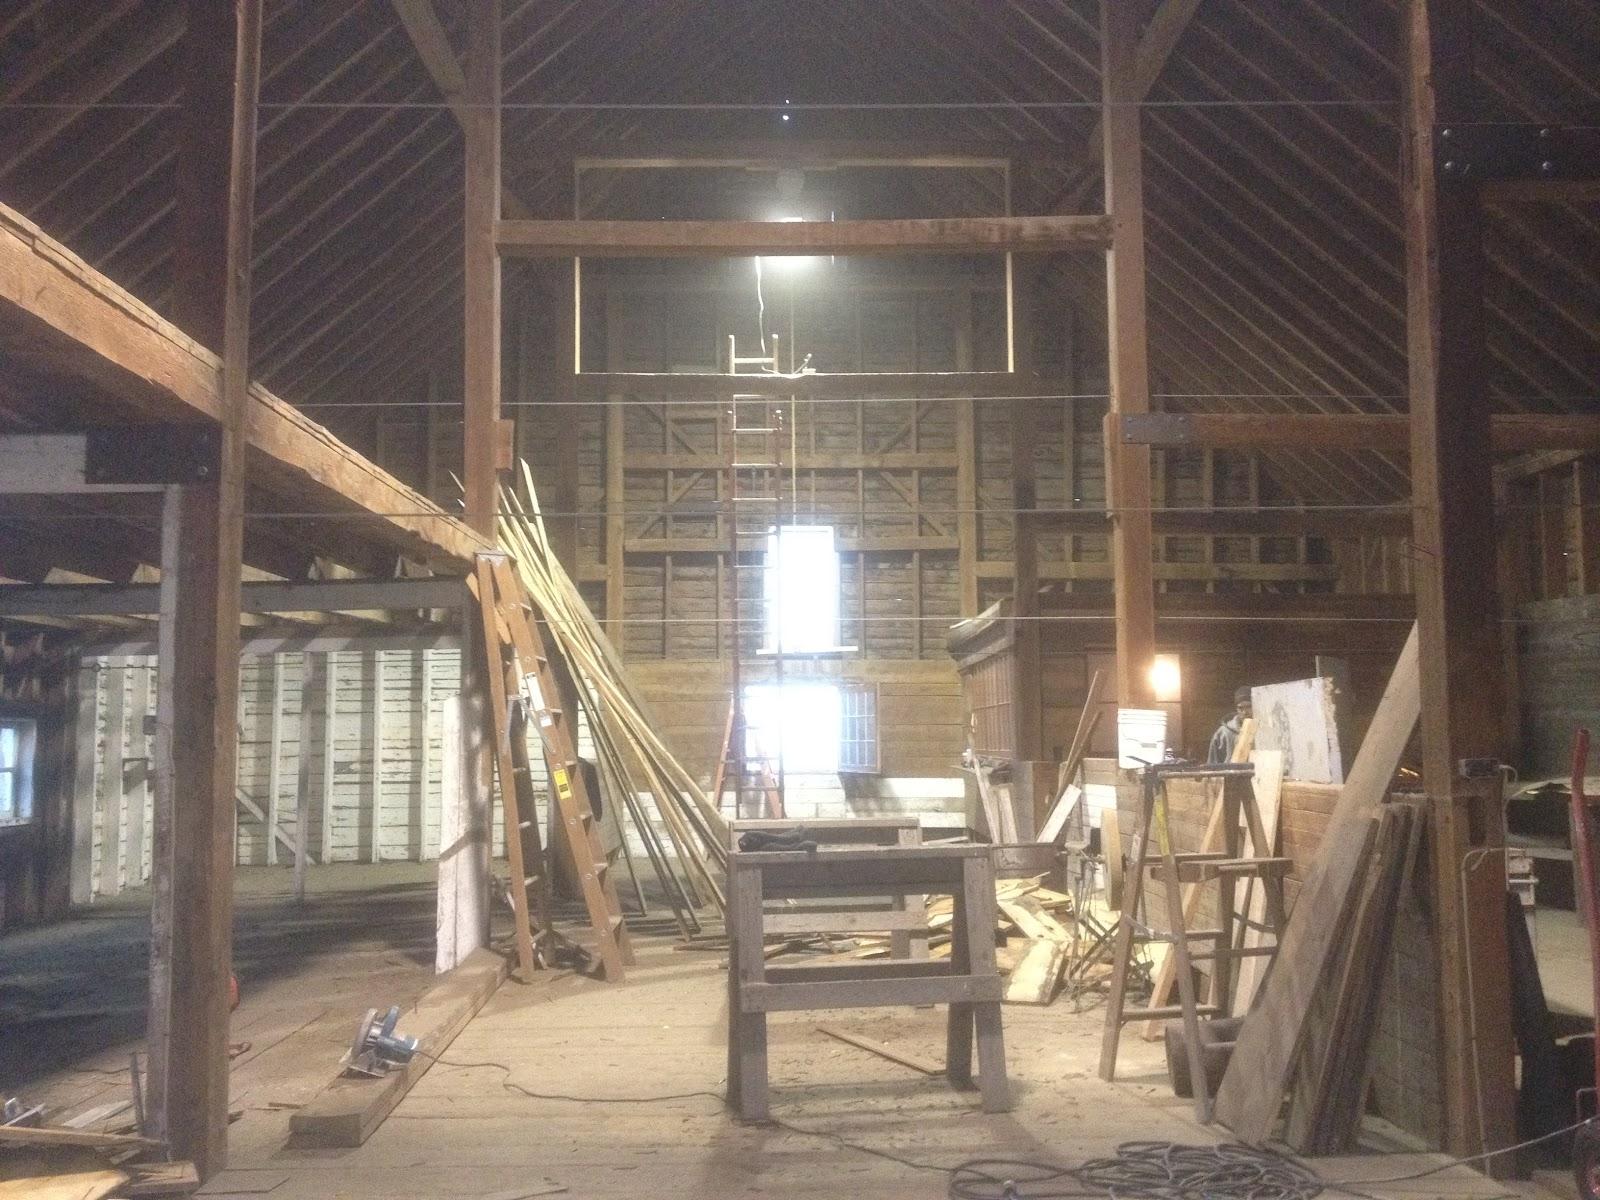 Middlebury barn renovation interior demolition and salvage for Barn renovation